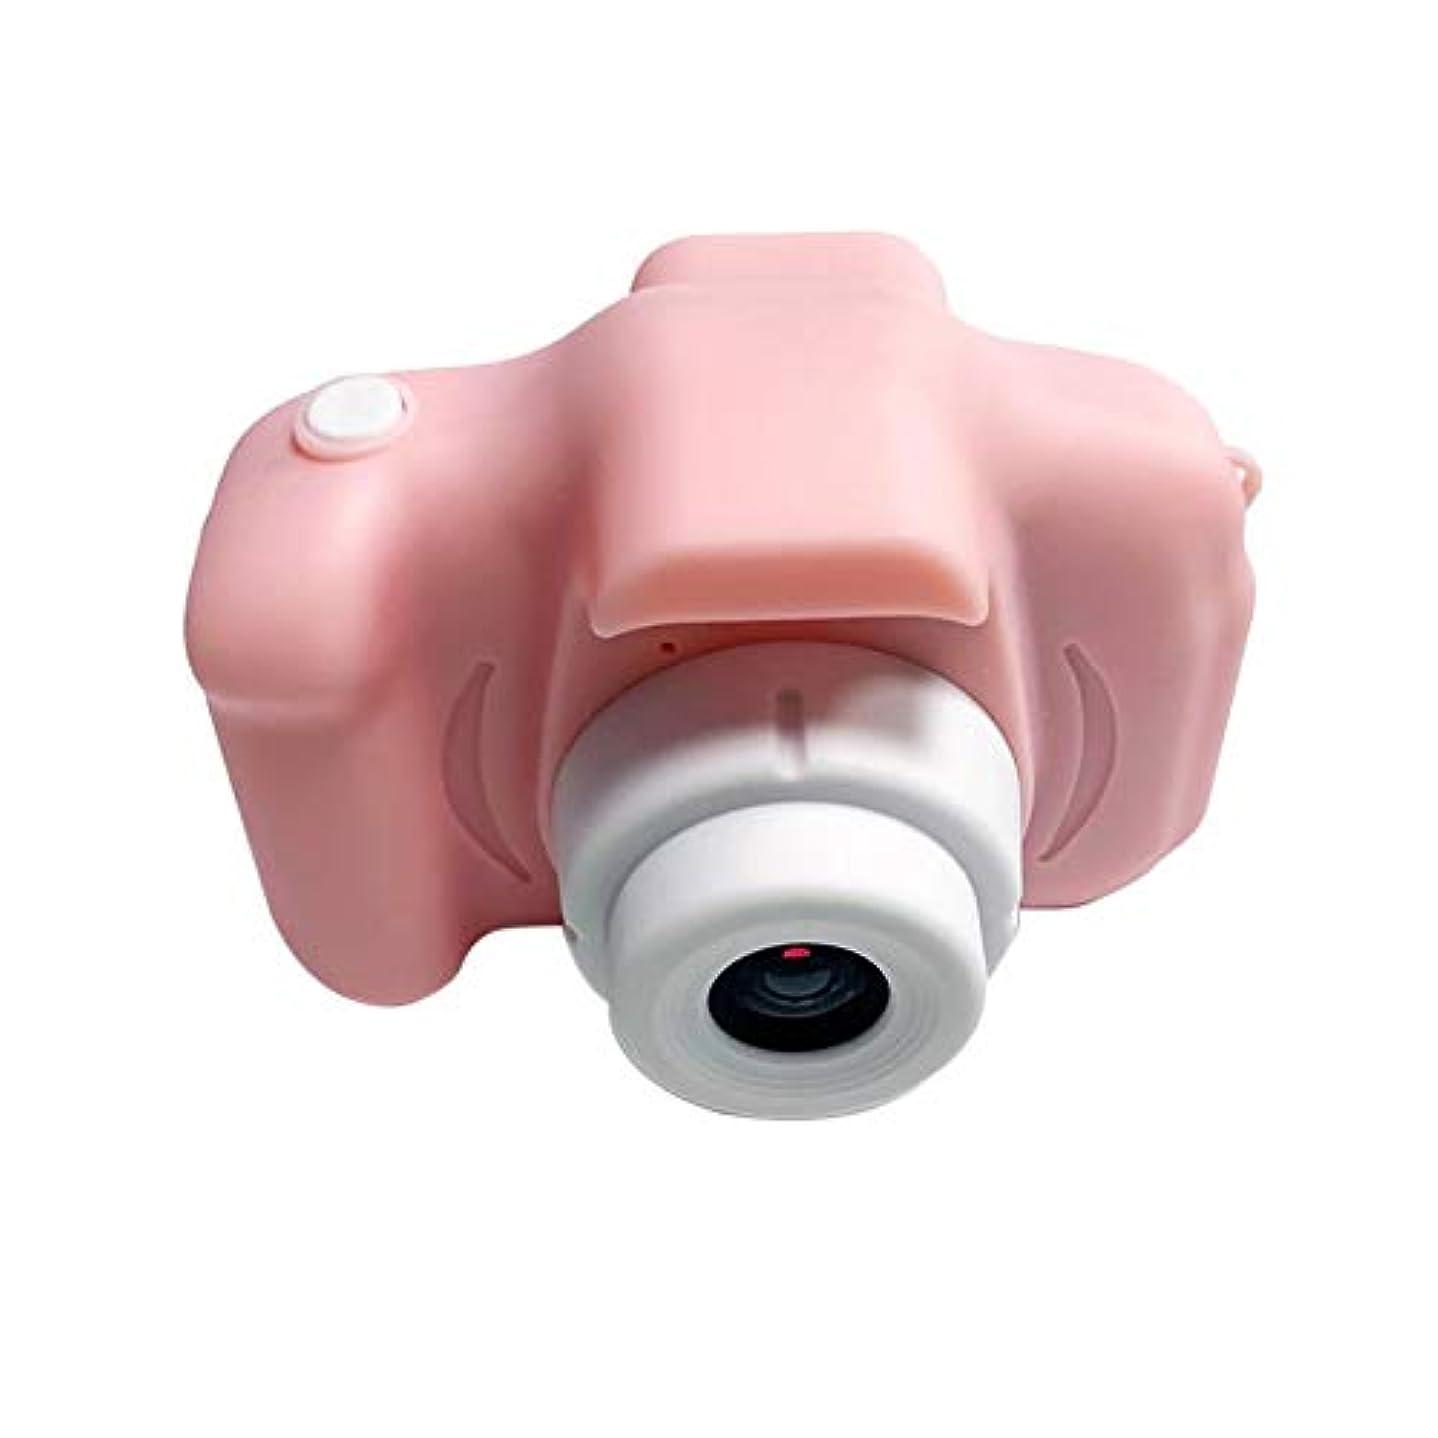 四分円テンポ把握HDバージョンポータブルチャイルドカメラミニSLRミニカメラチャイルドカメラかわいい女の子ギフト子供ミニカメラ-ピンク